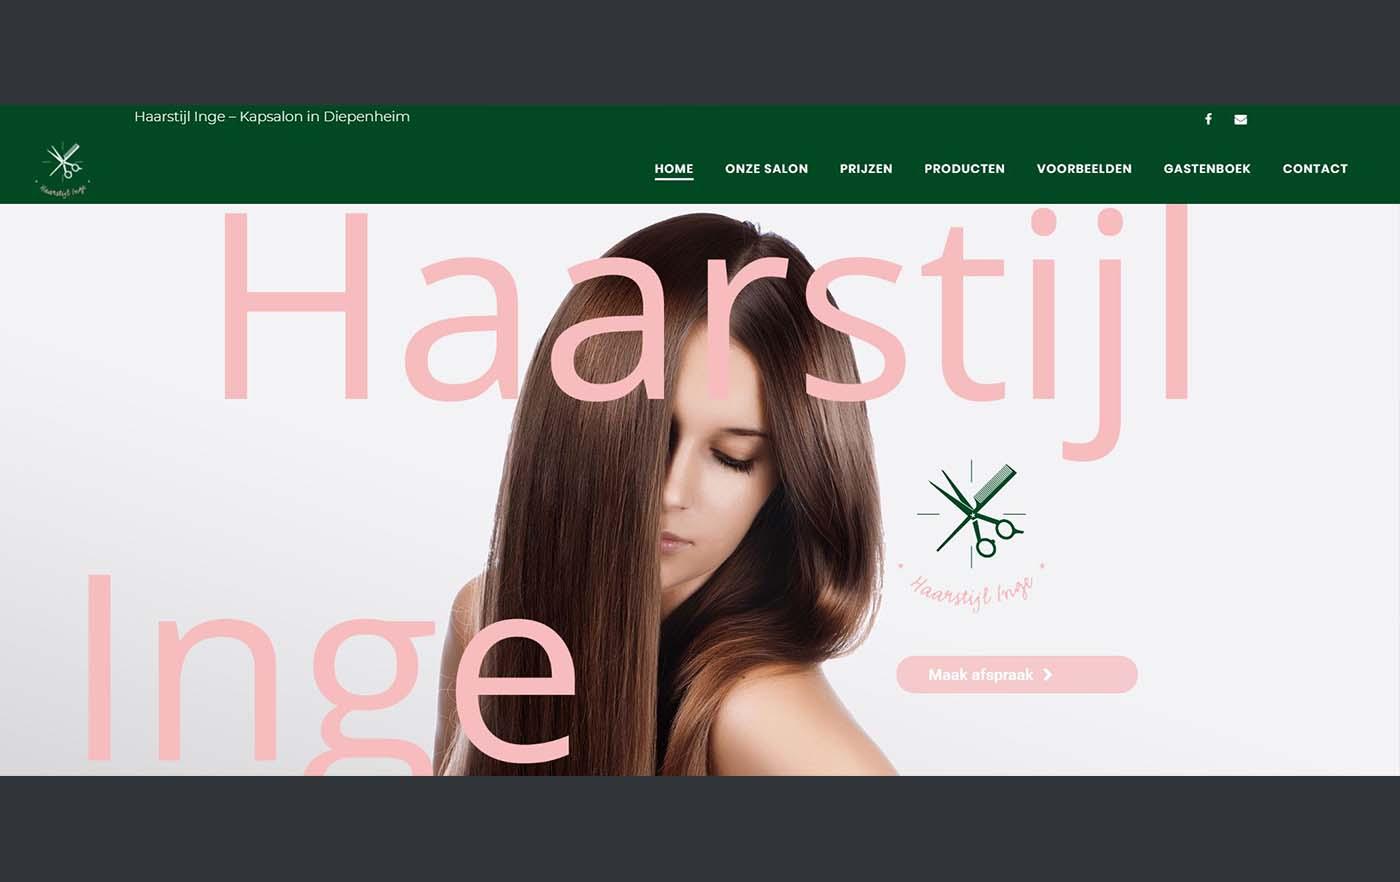 Hartman Werkt - website Haarstijl Inge